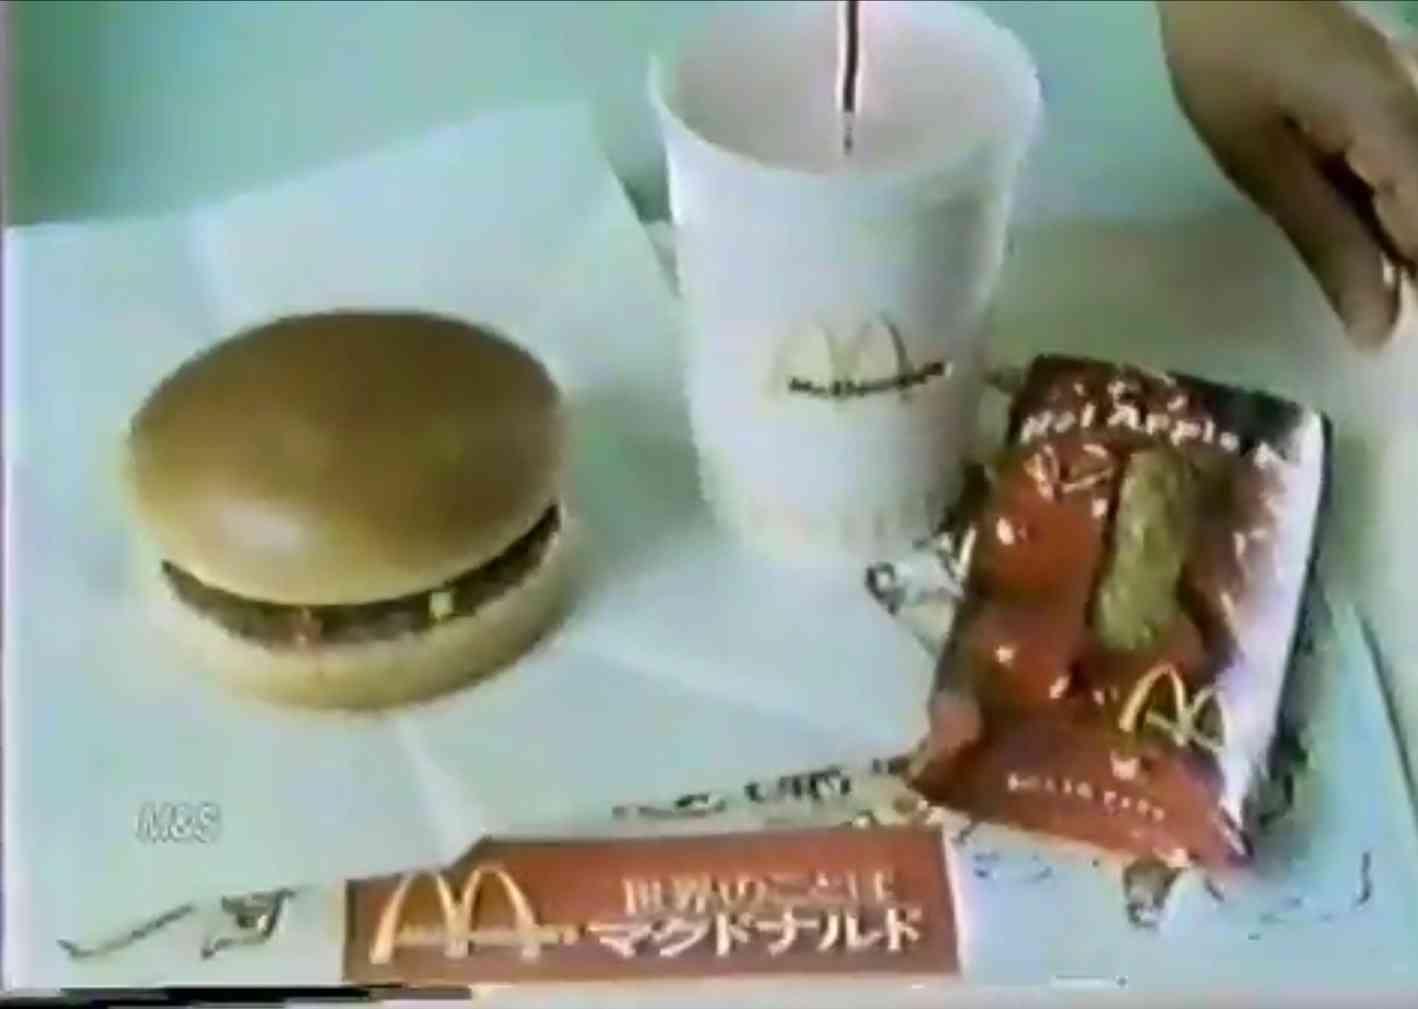 【悪口なし】マクドナルドを語るpart②